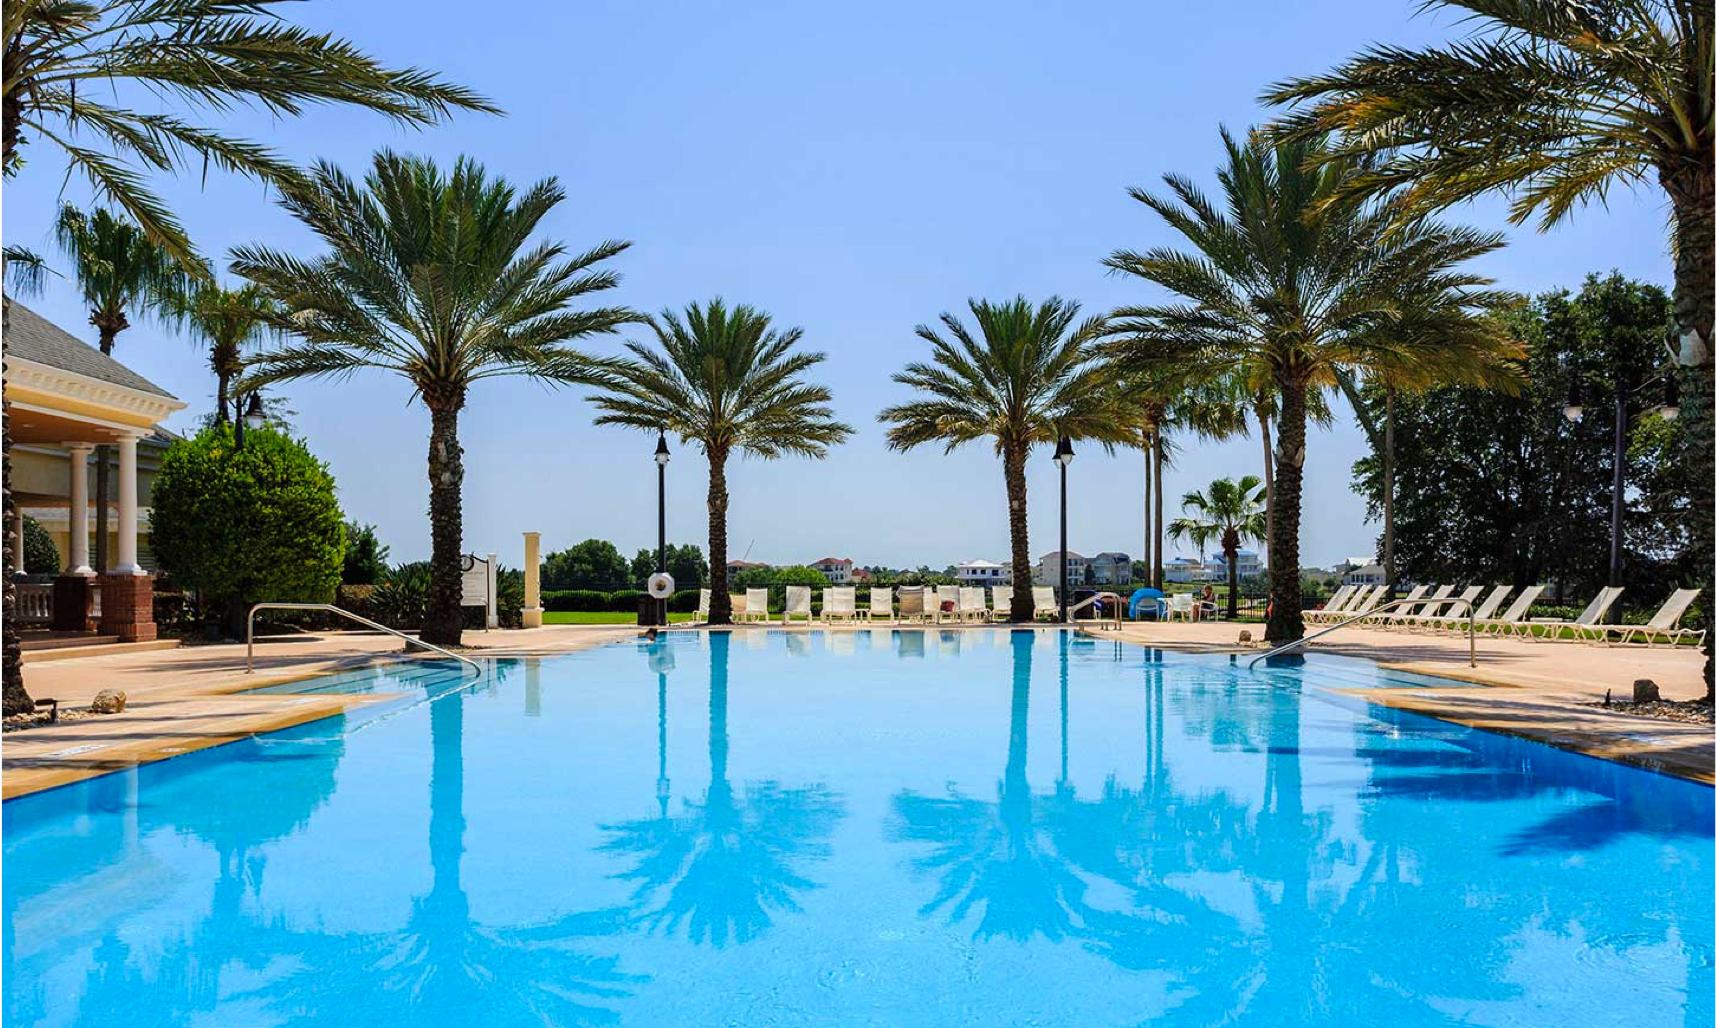 Beautiful pool at Reunion Resort